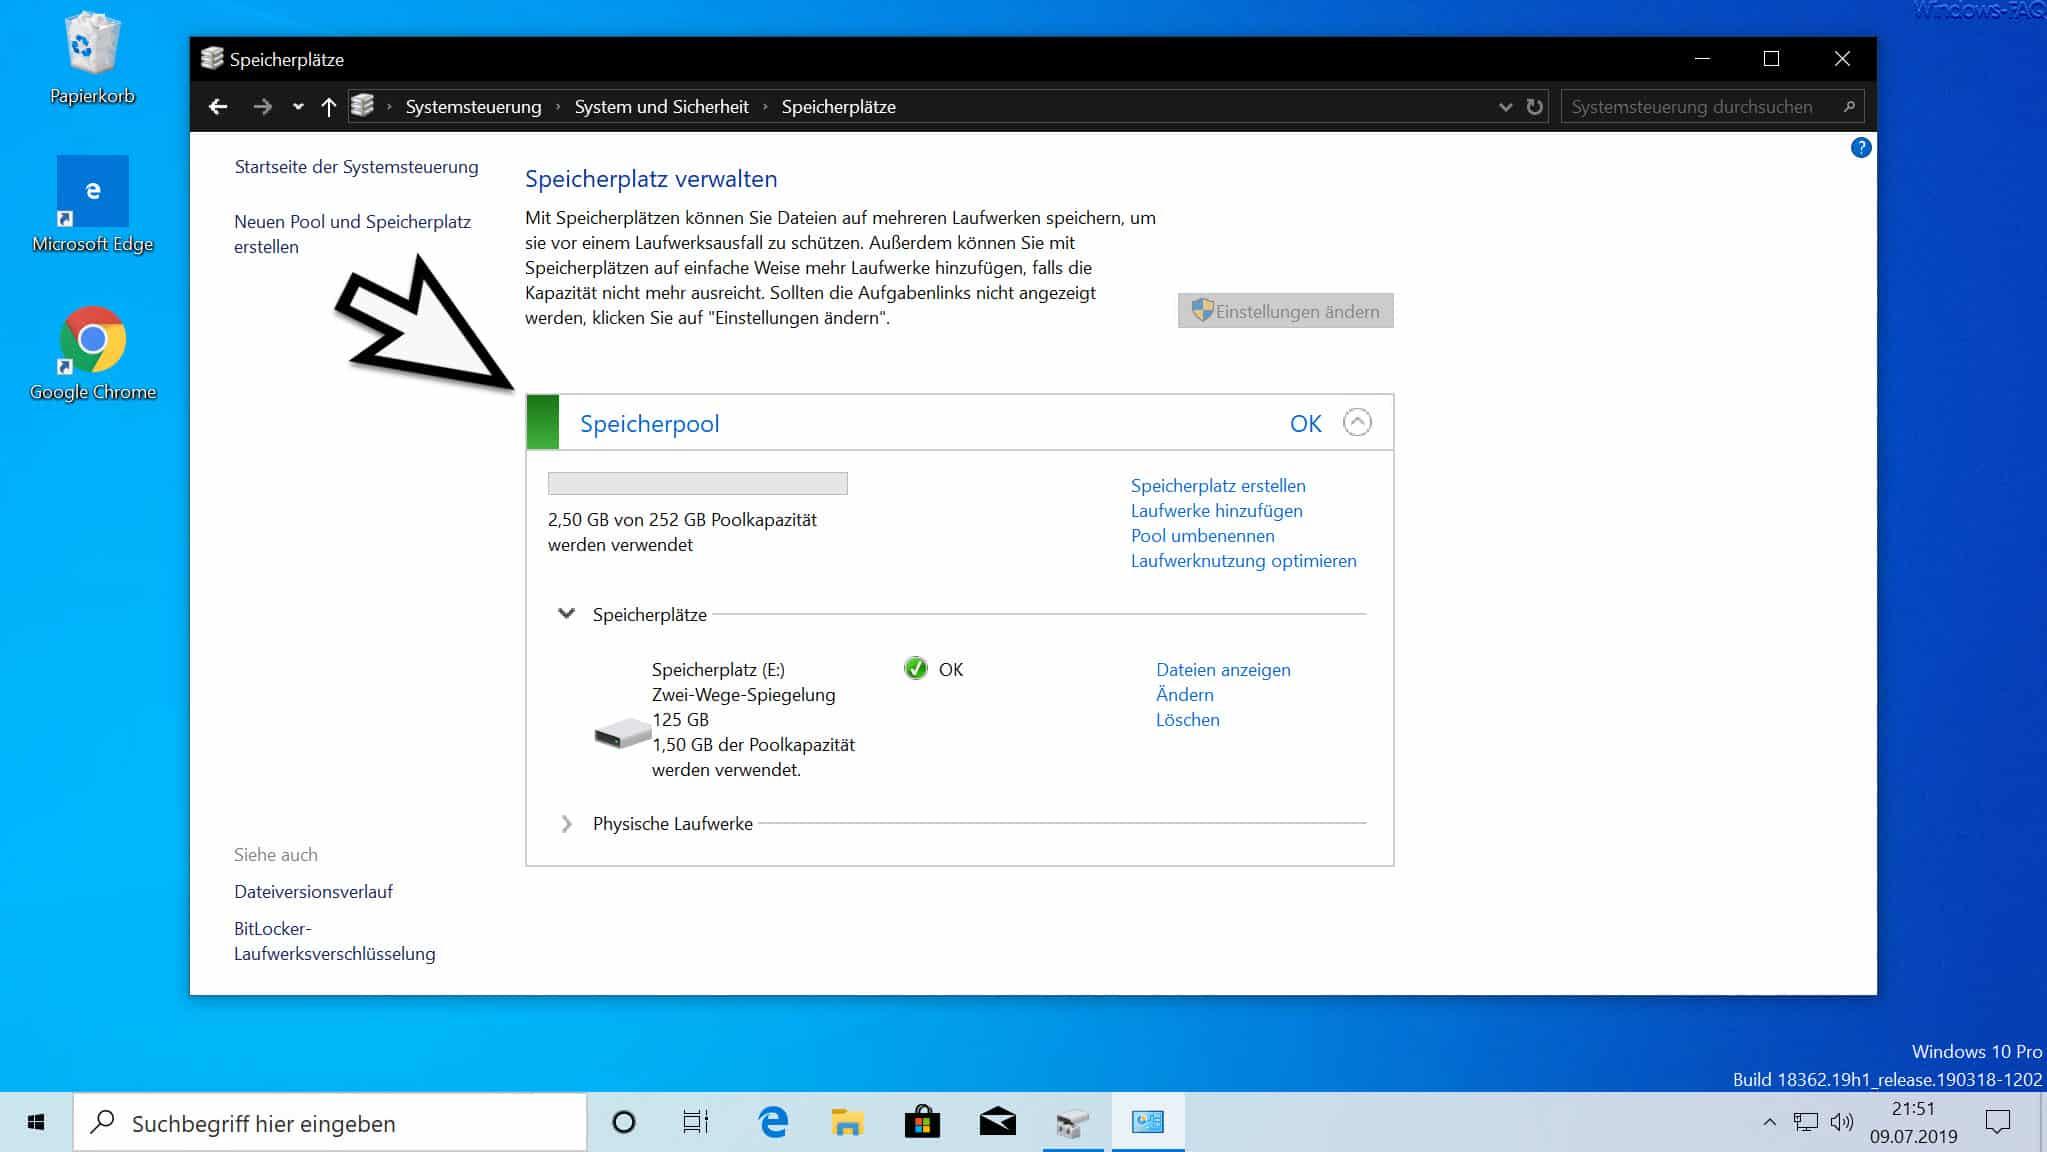 Speicherplatz verwalten Windows 10